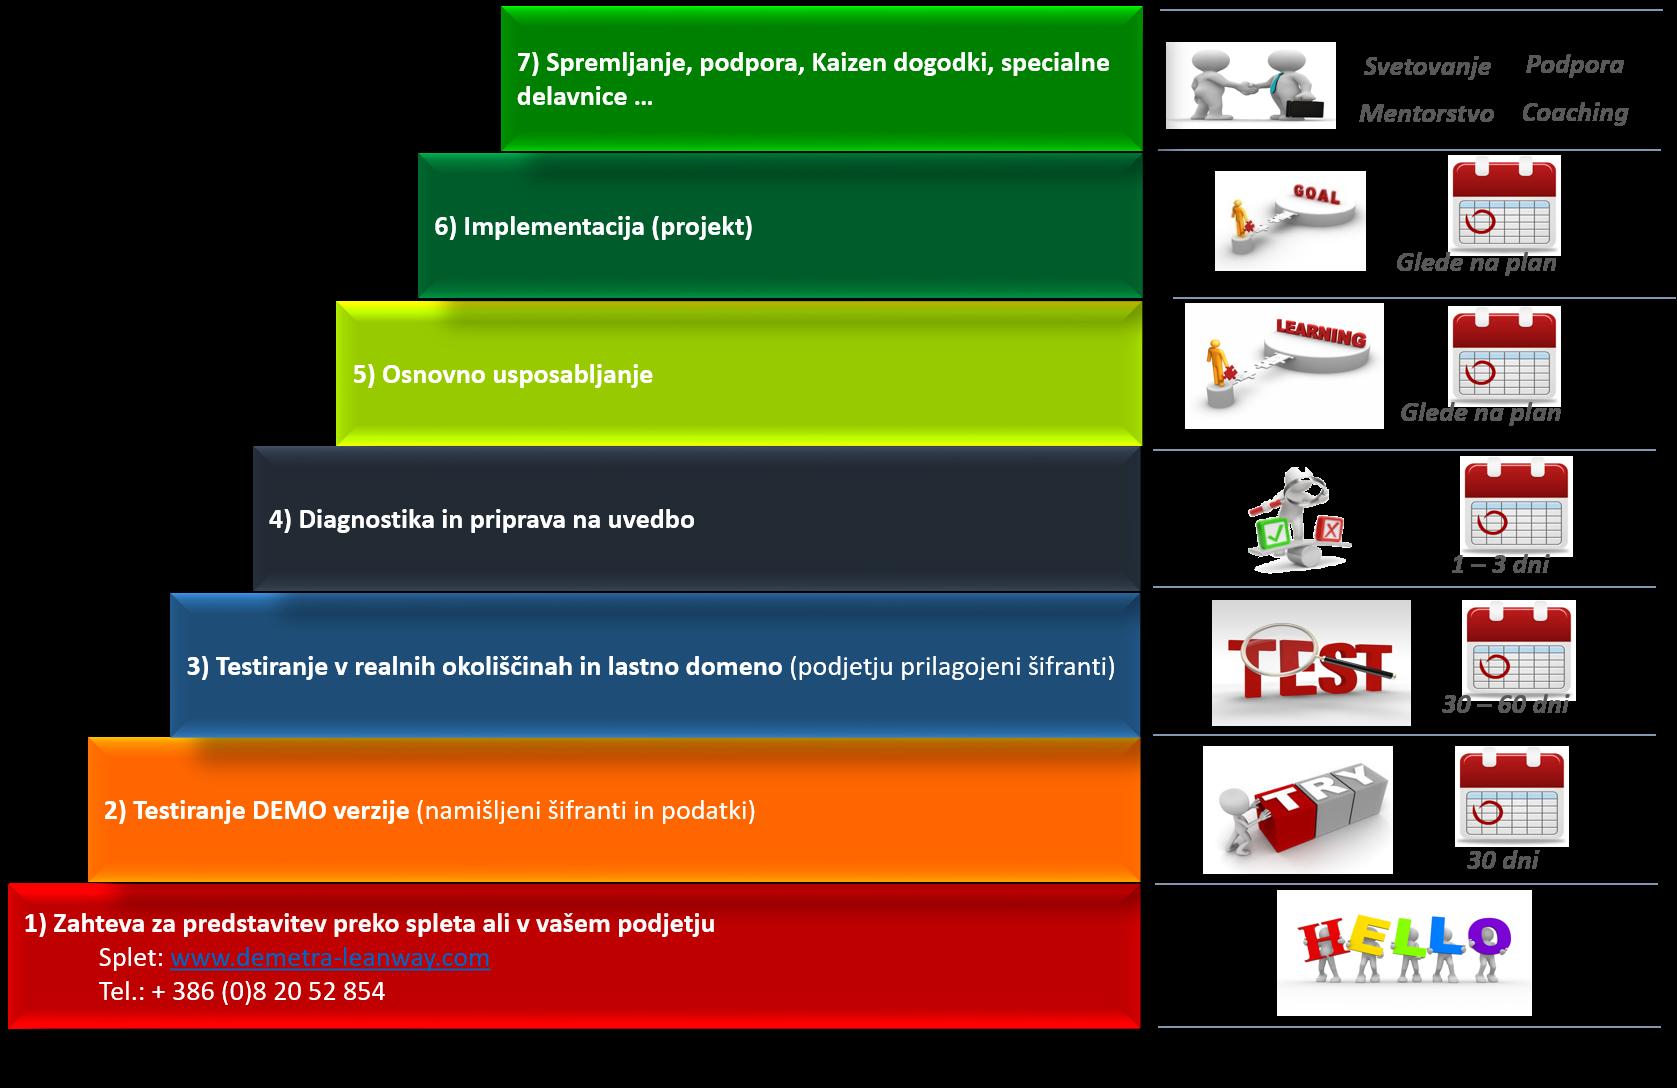 Prikaz osnovnih procesov, ki jih pokrivajo orodja PERFORMANCE STORYBOARD